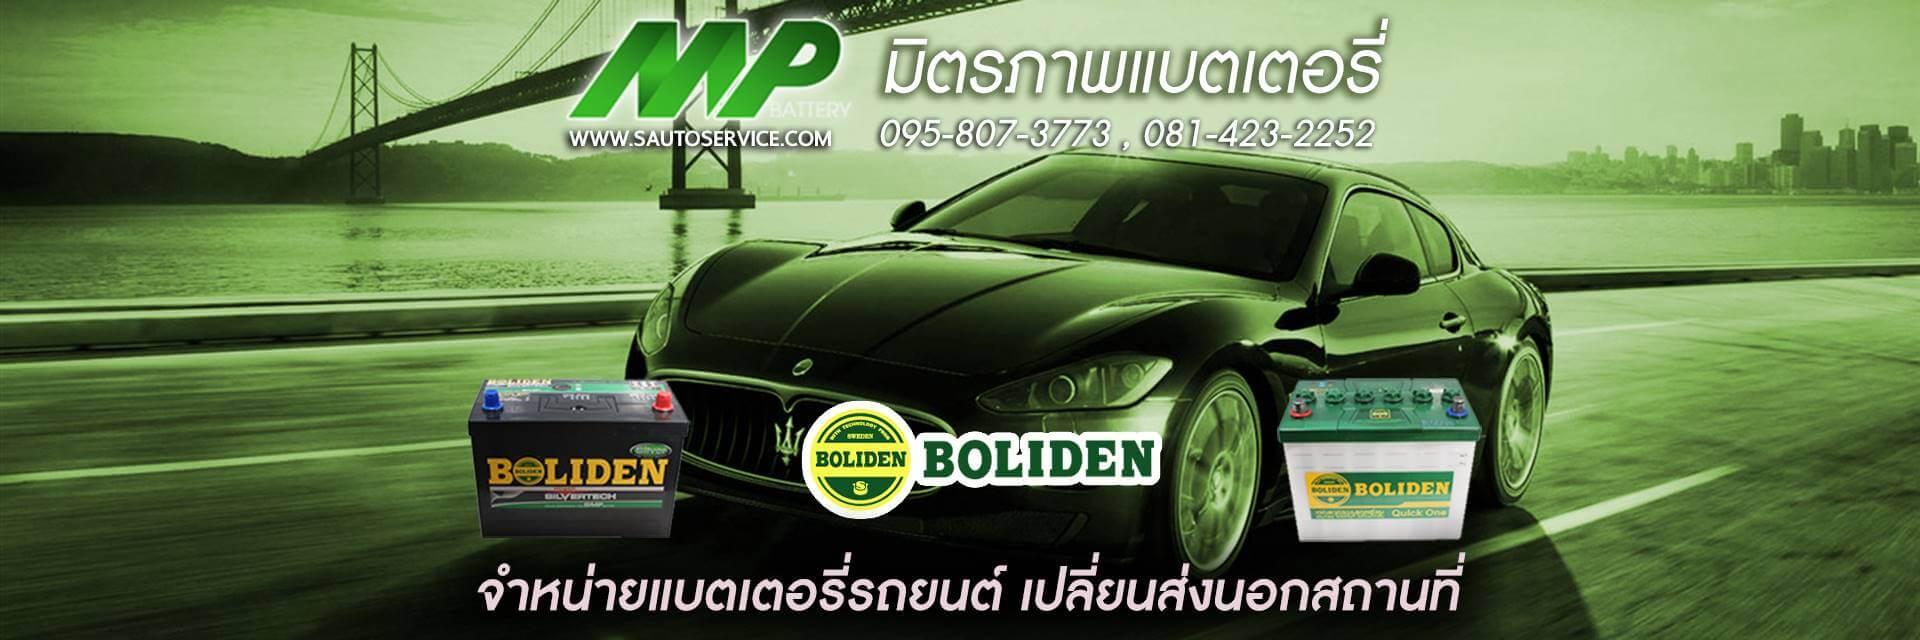 แบตเตอรี่รถยนต์-Boliden